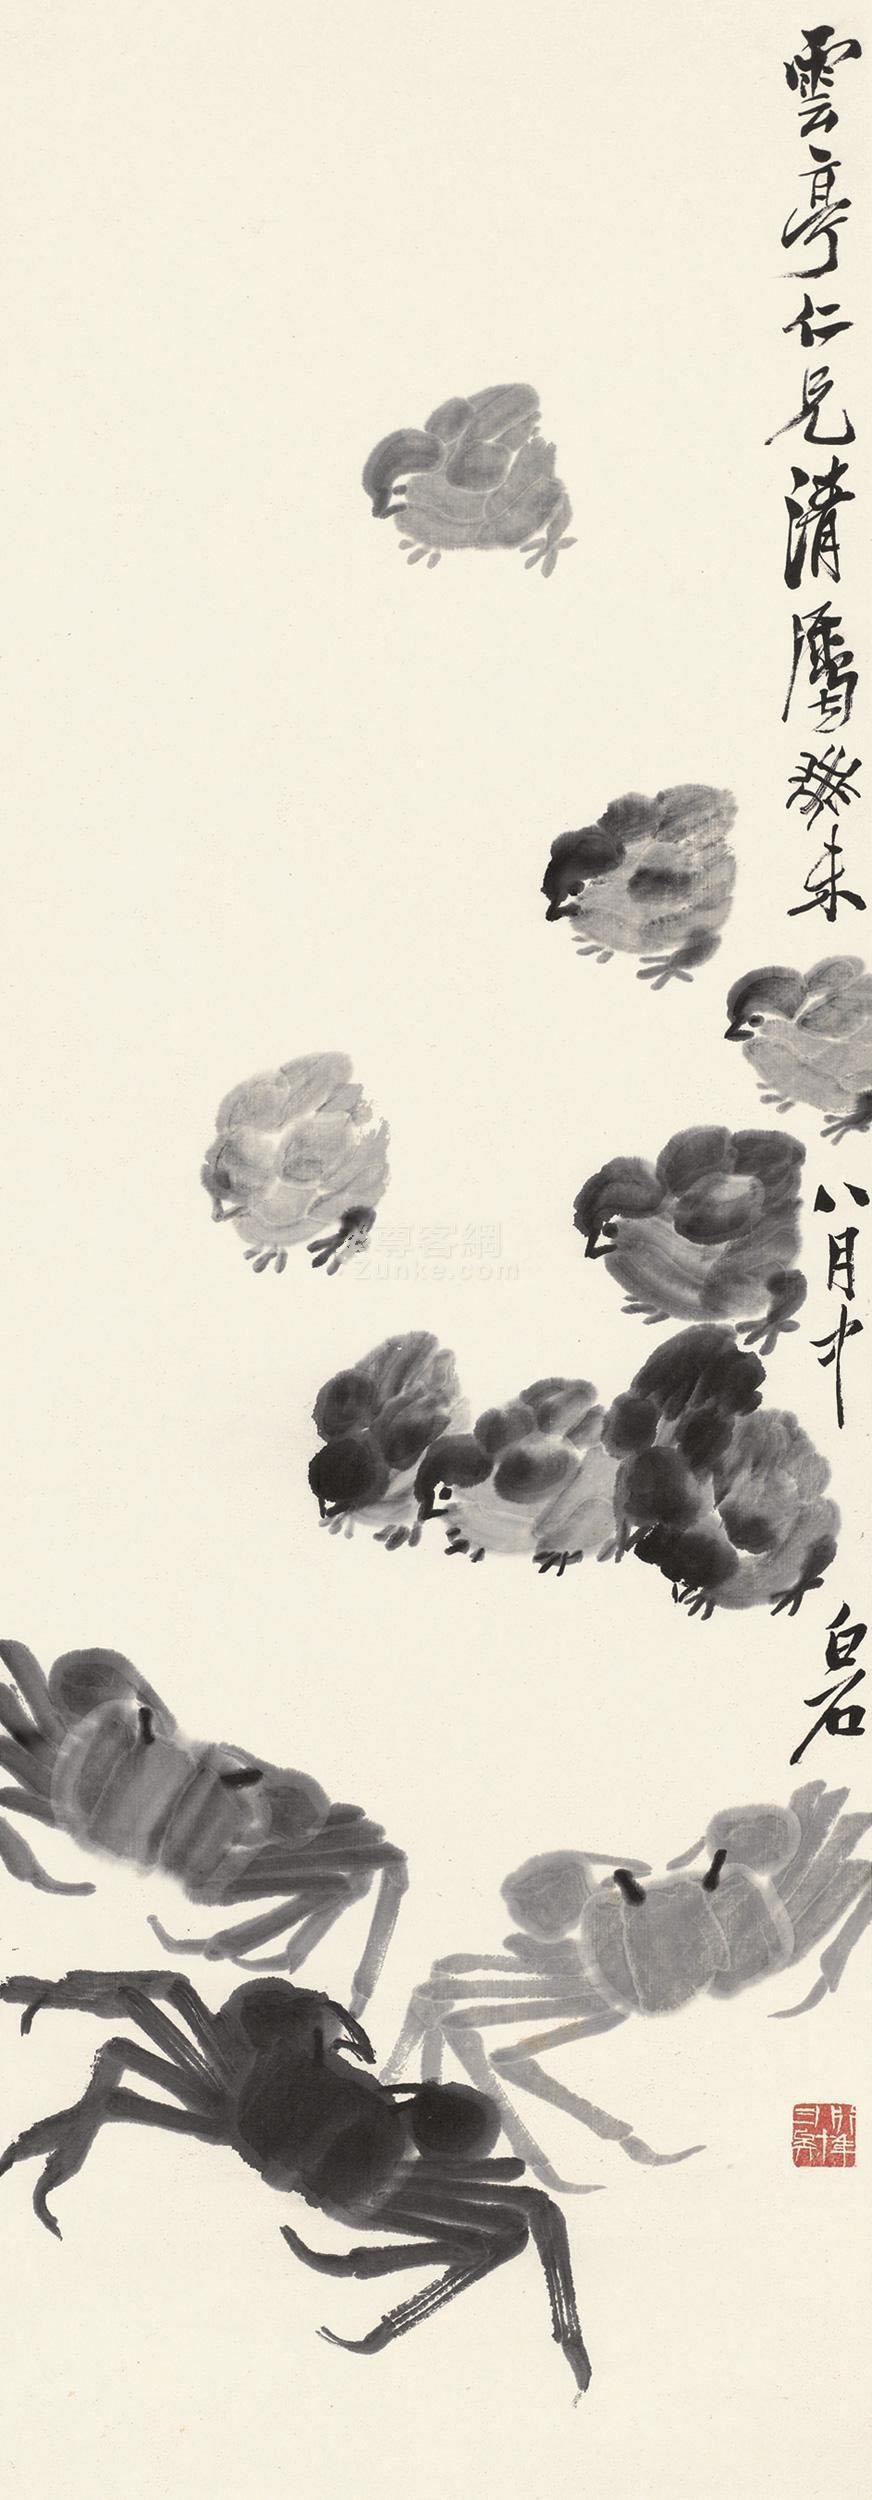 齐白石 鸡戏图 立轴 水墨纸本作品欣赏